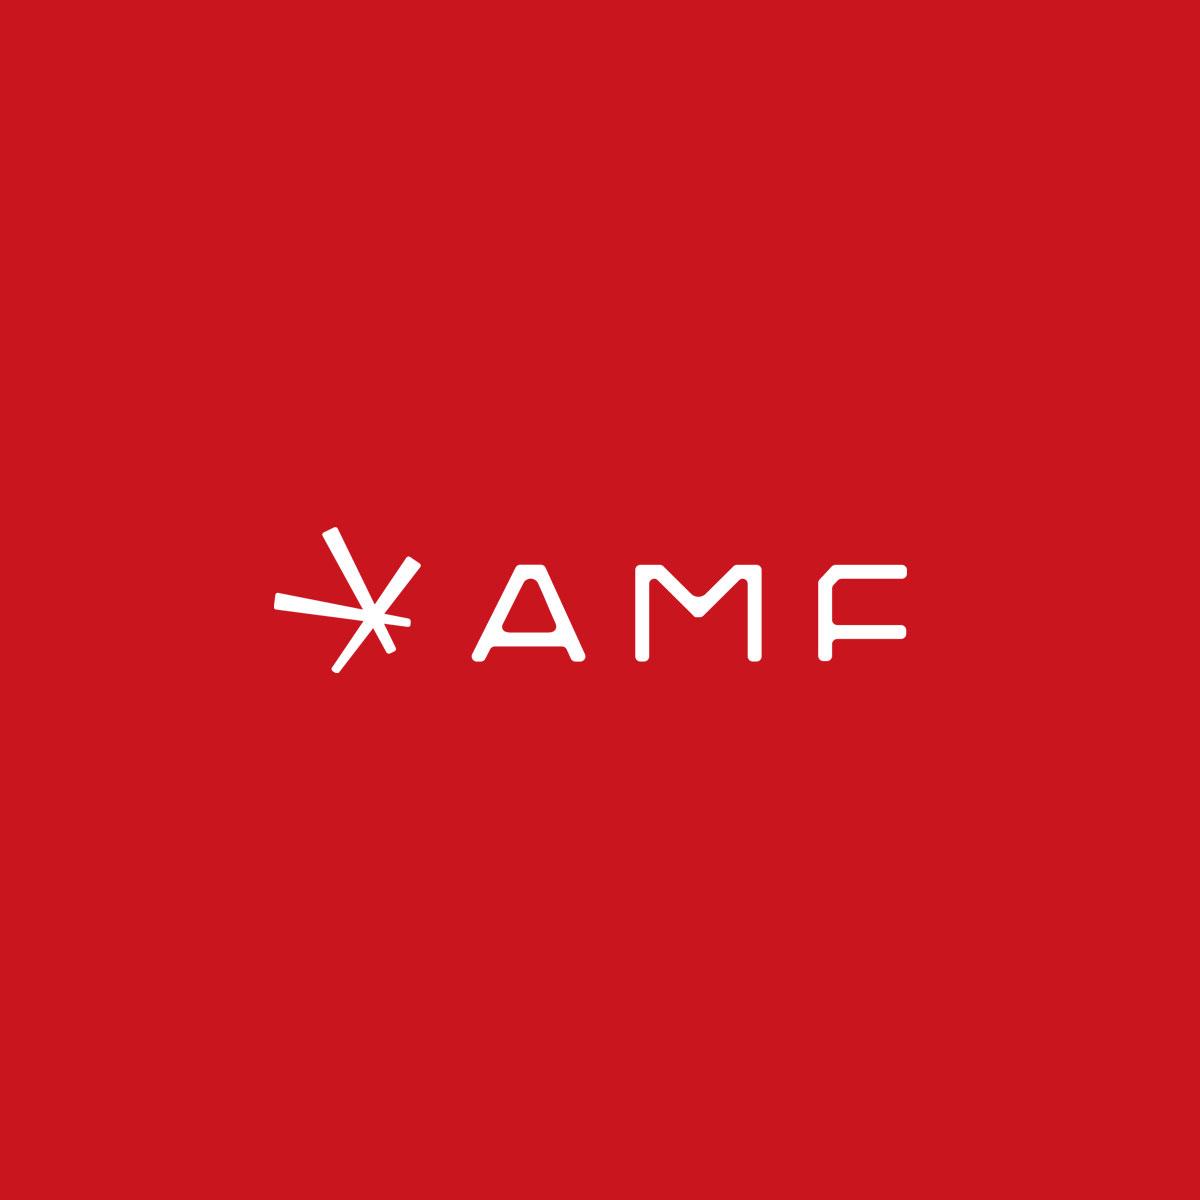 株式会社AMF 椎木里佳が代表をつとめる女の子のための会社